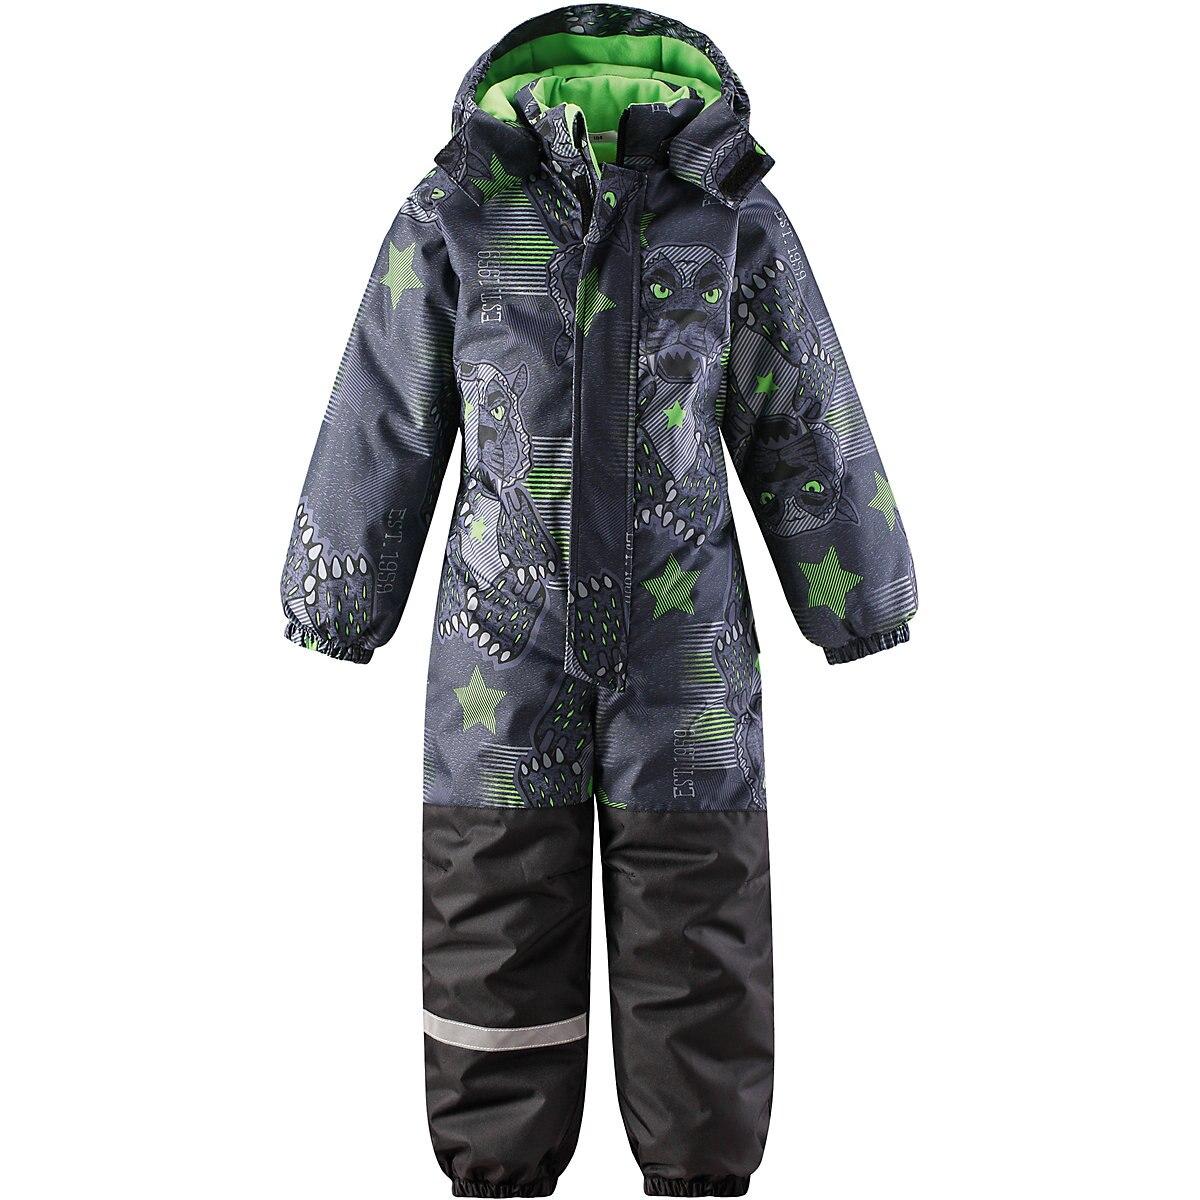 Salopette LASSIE pour garçons 8630051 barboteuses bébé combinaison enfants vêtements enfants MTpromo